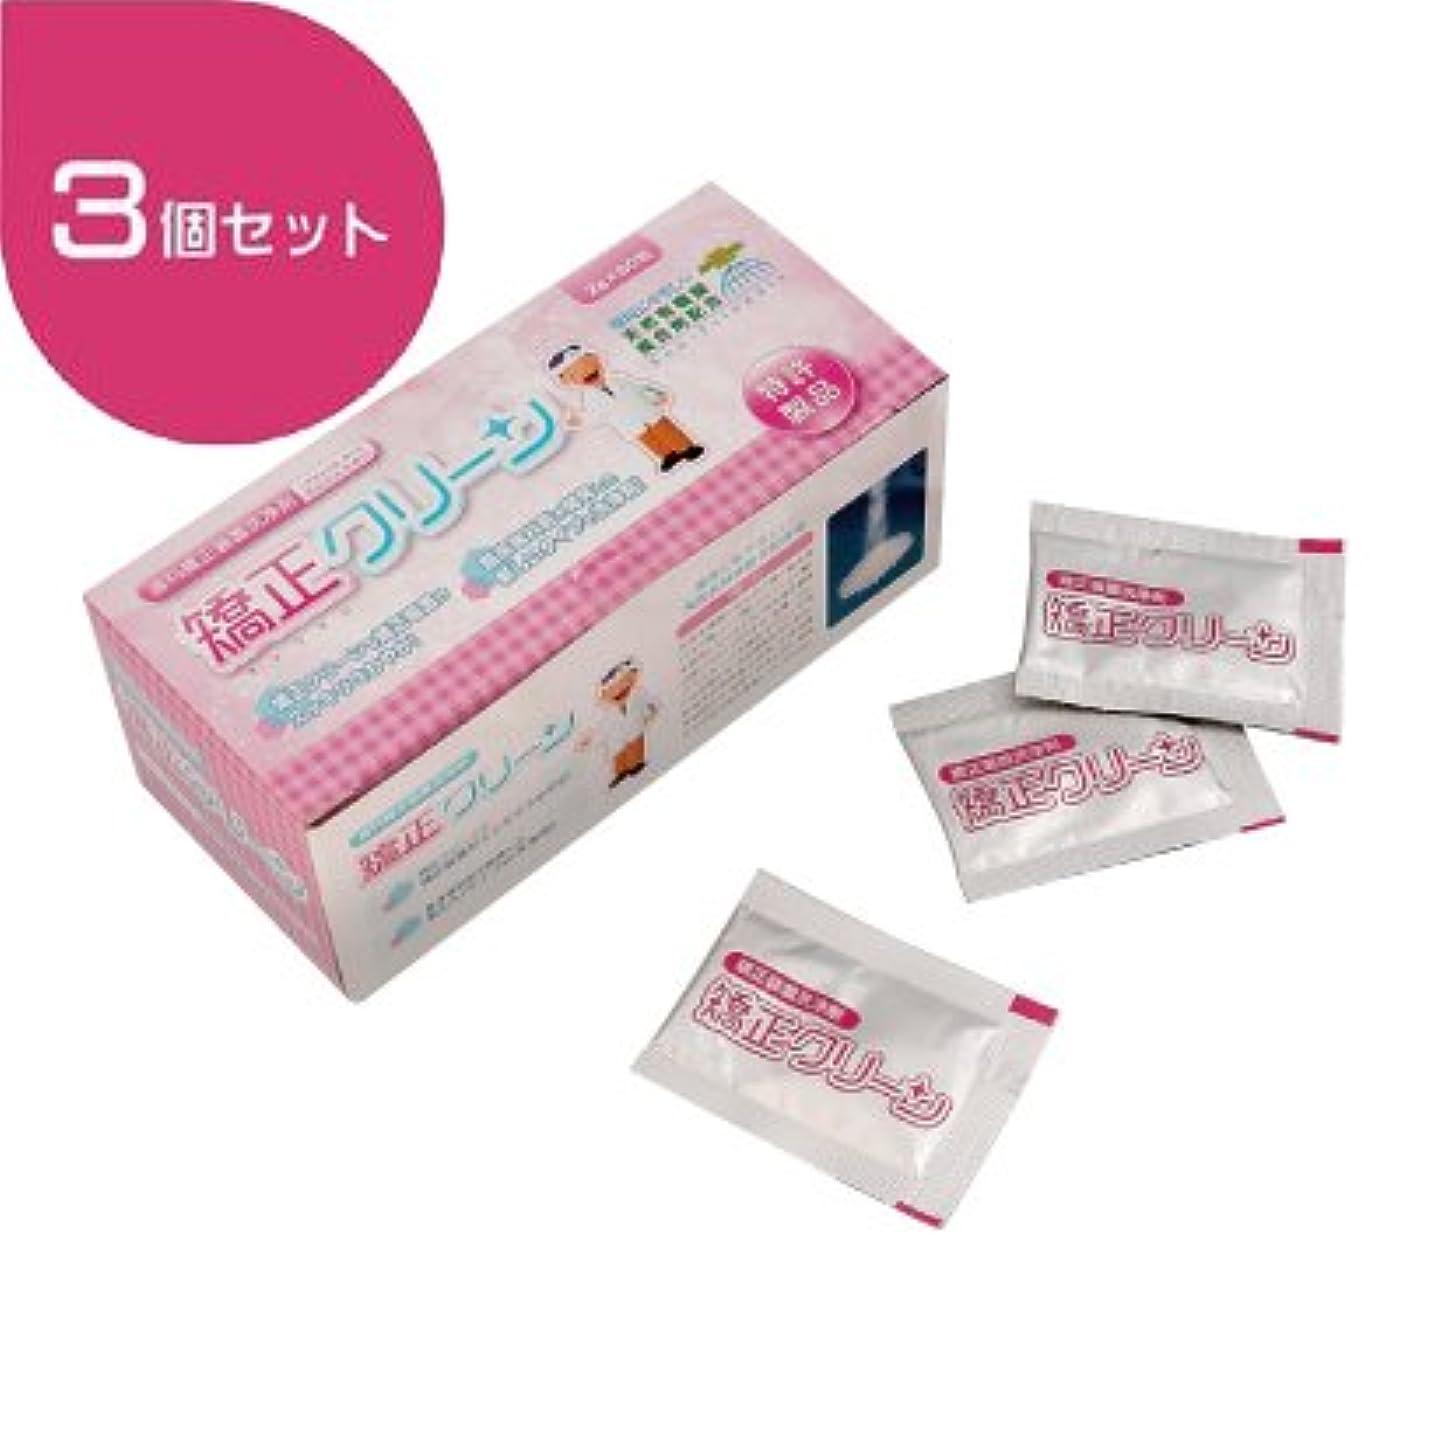 返済共和党葉を拾う矯正クリーン 1箱(2g×60包入り) × 3個 歯科矯正装置用洗浄剤